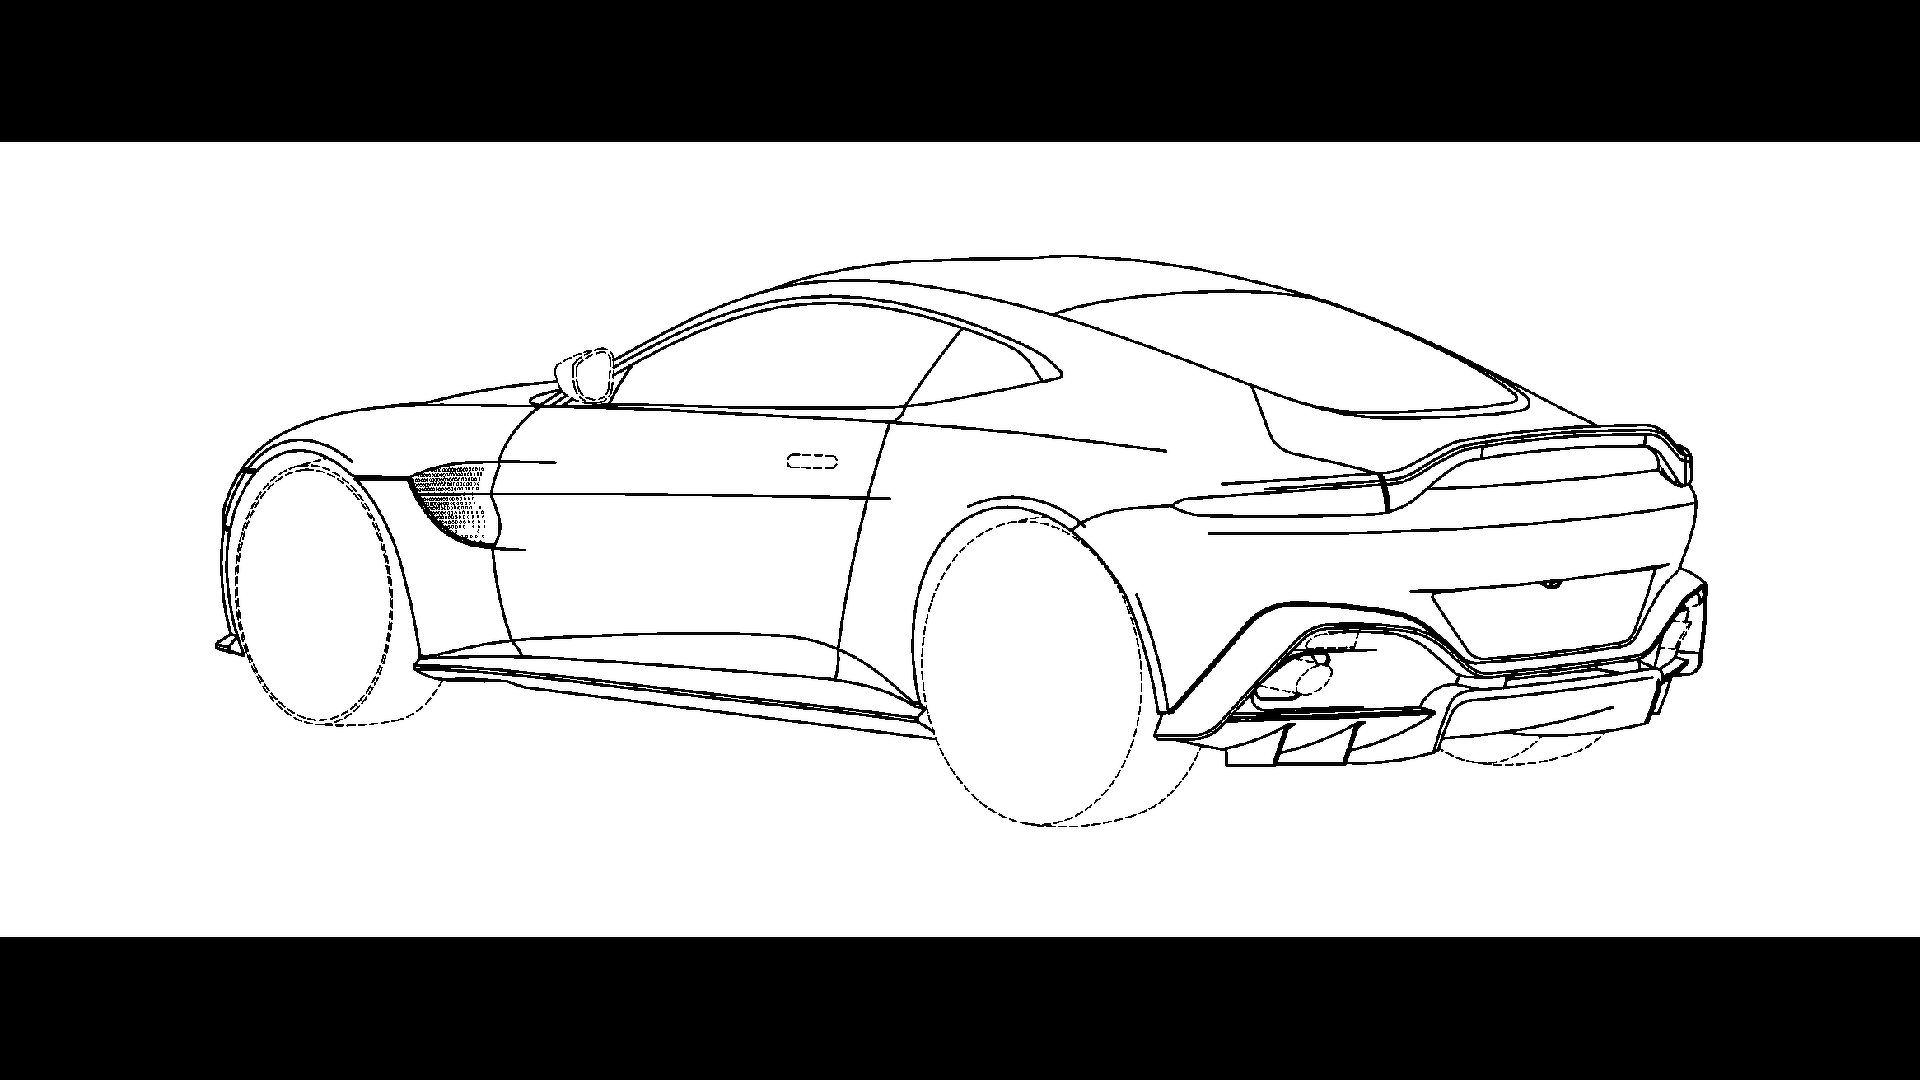 What New Aston Martin Do These Sketches Tease?